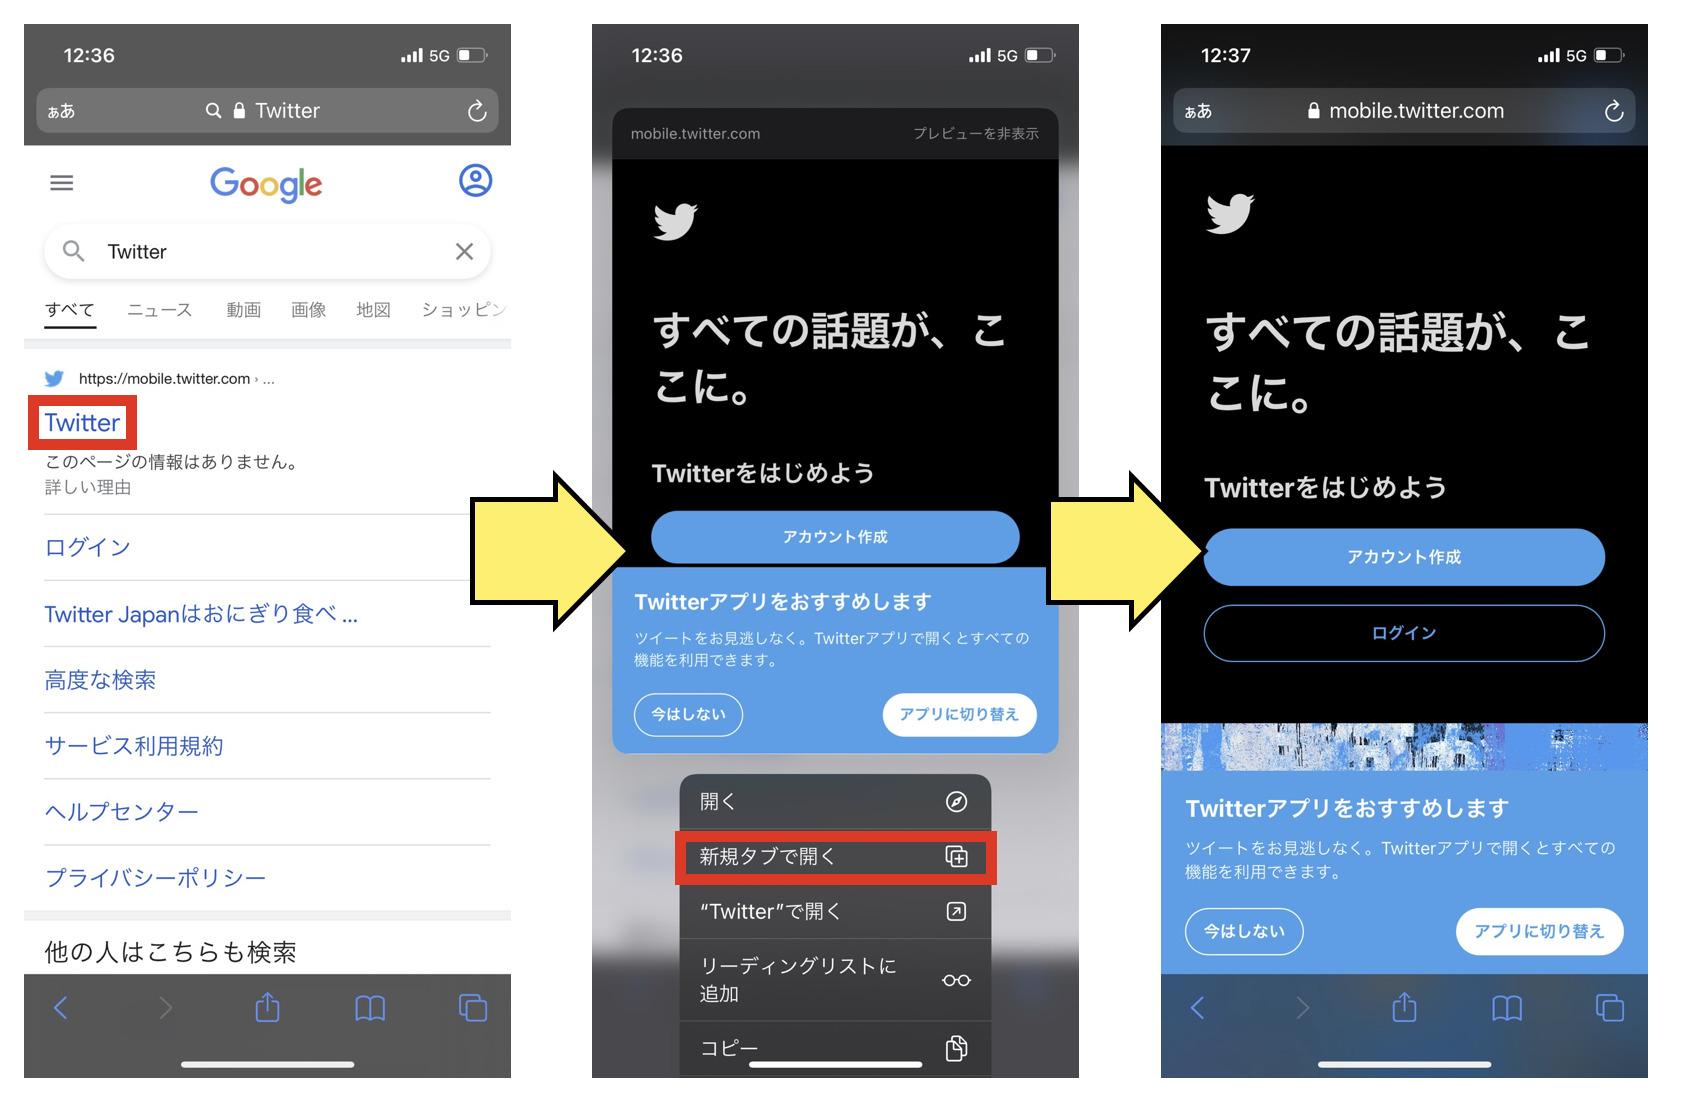 iPhoneでTwitterをブラウザから見る方法